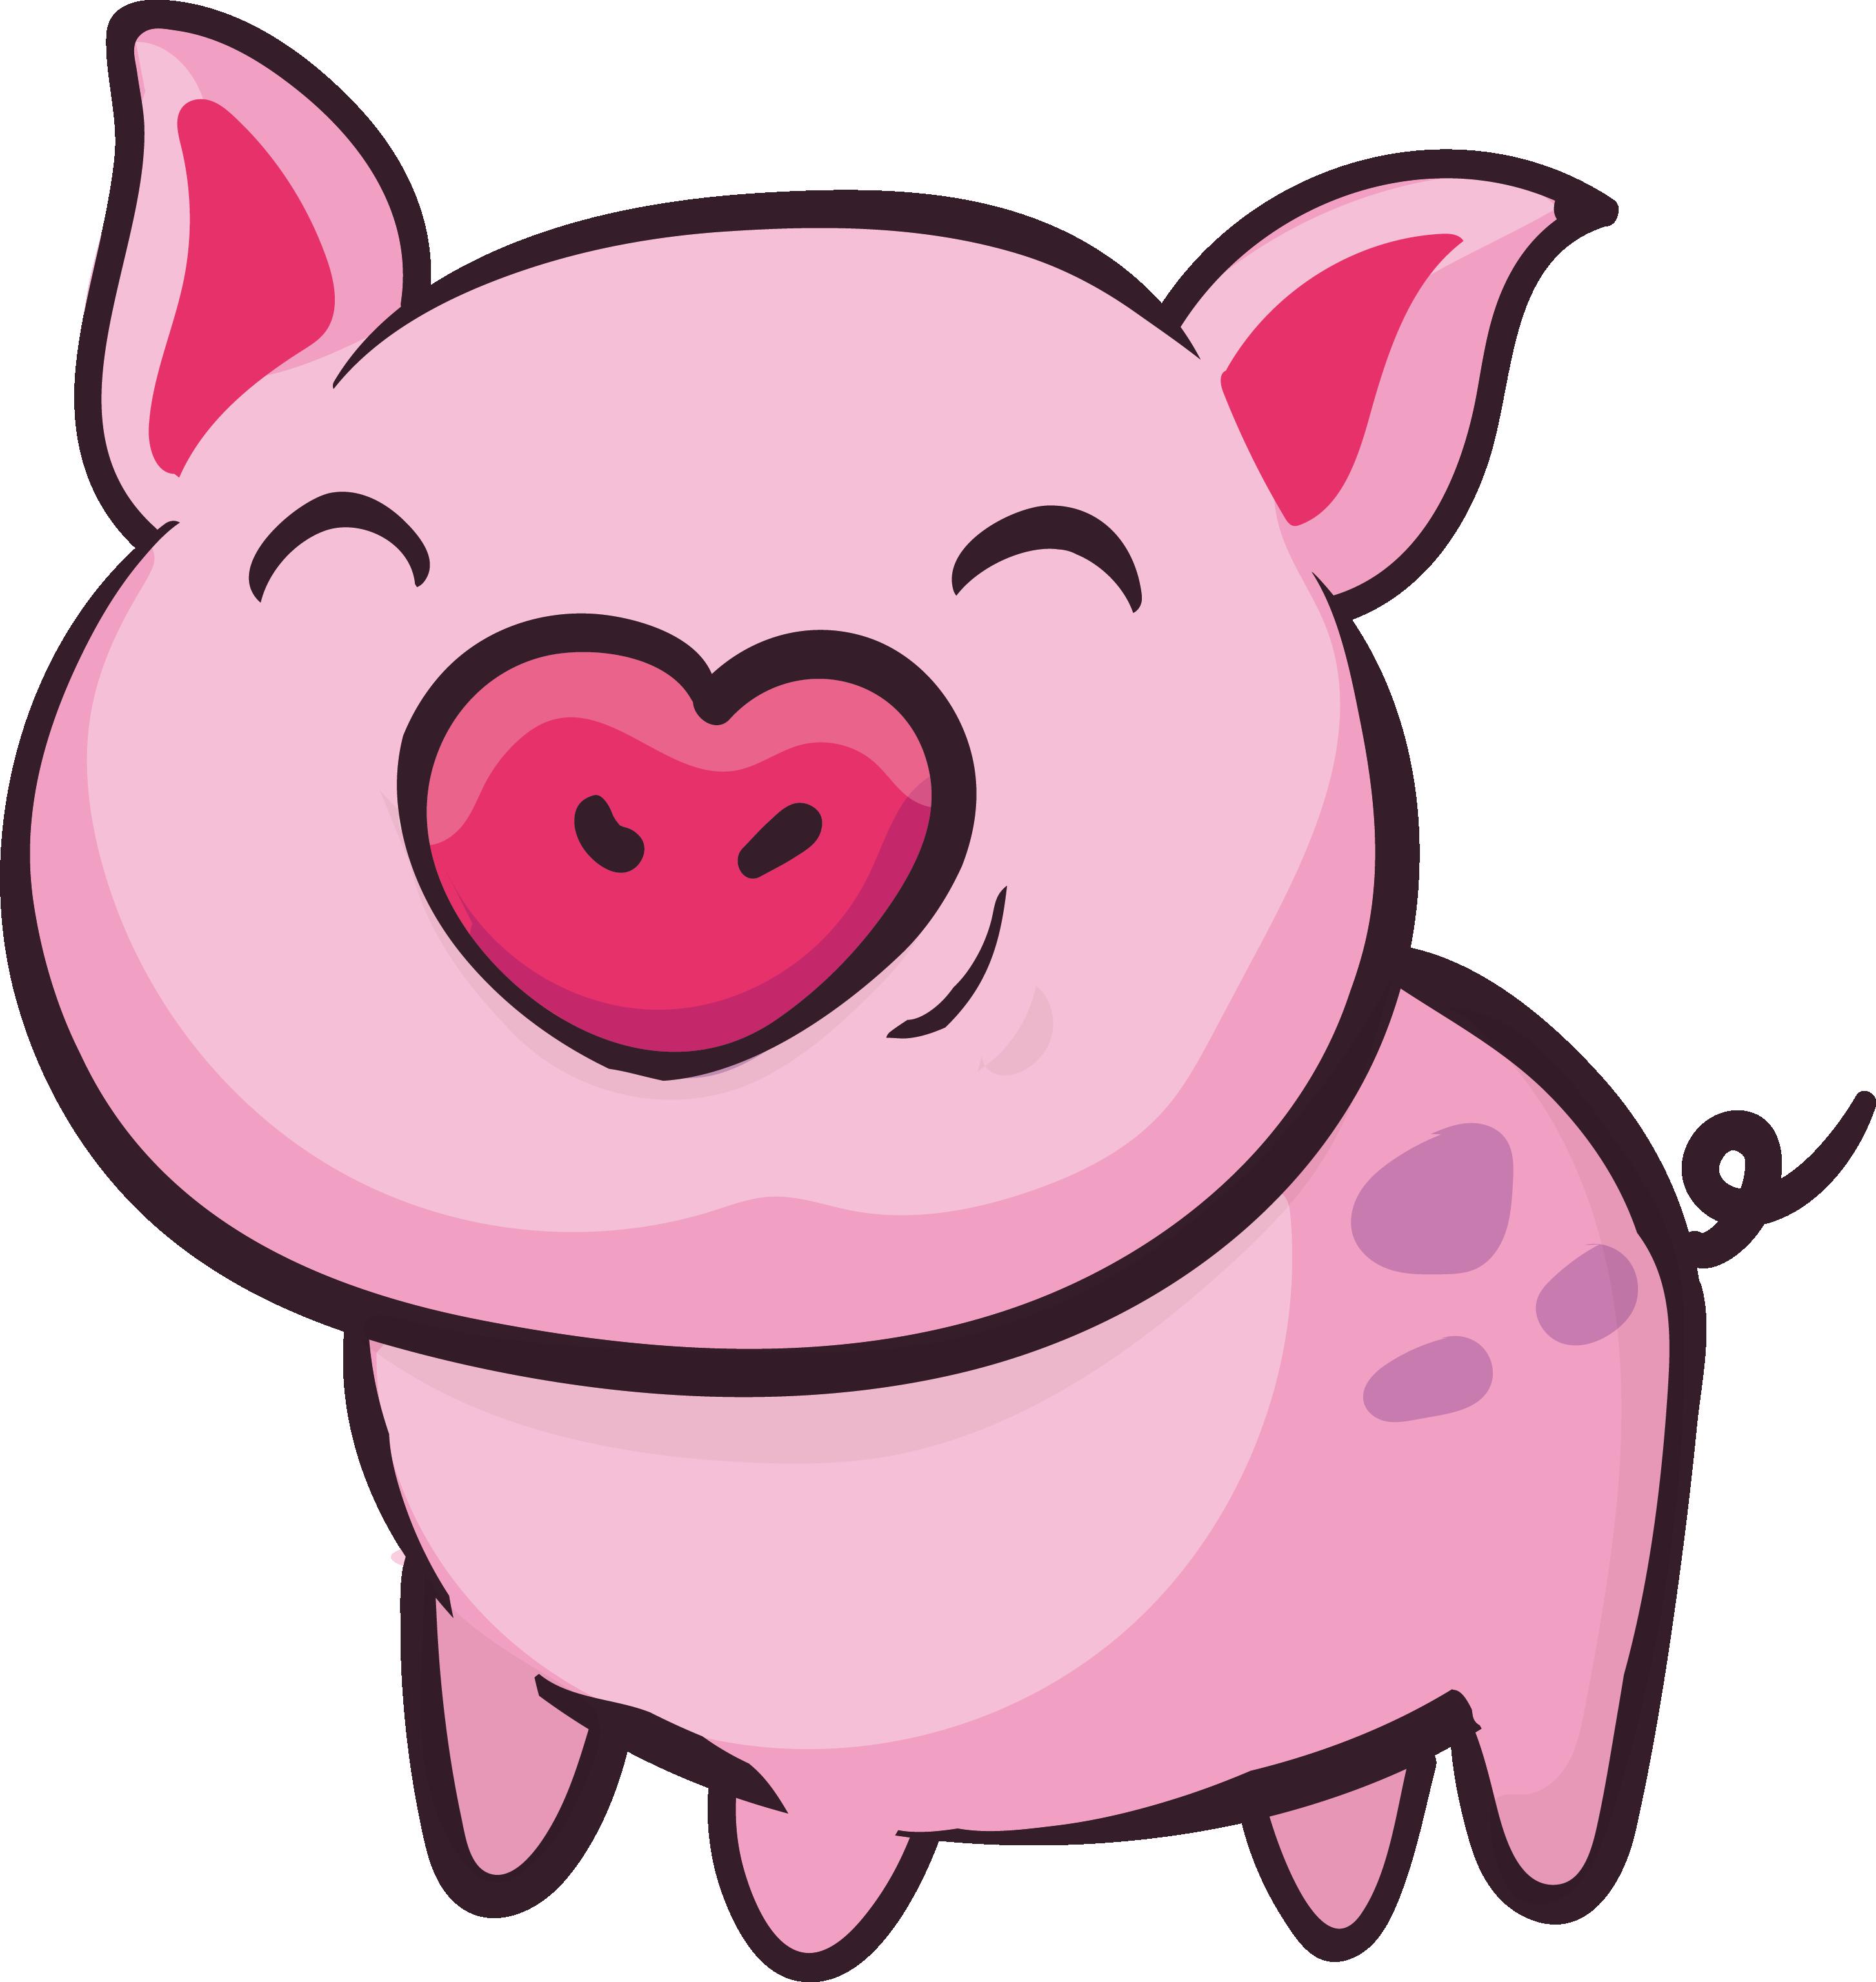 Ham clipart pig. Domestic clip art pink